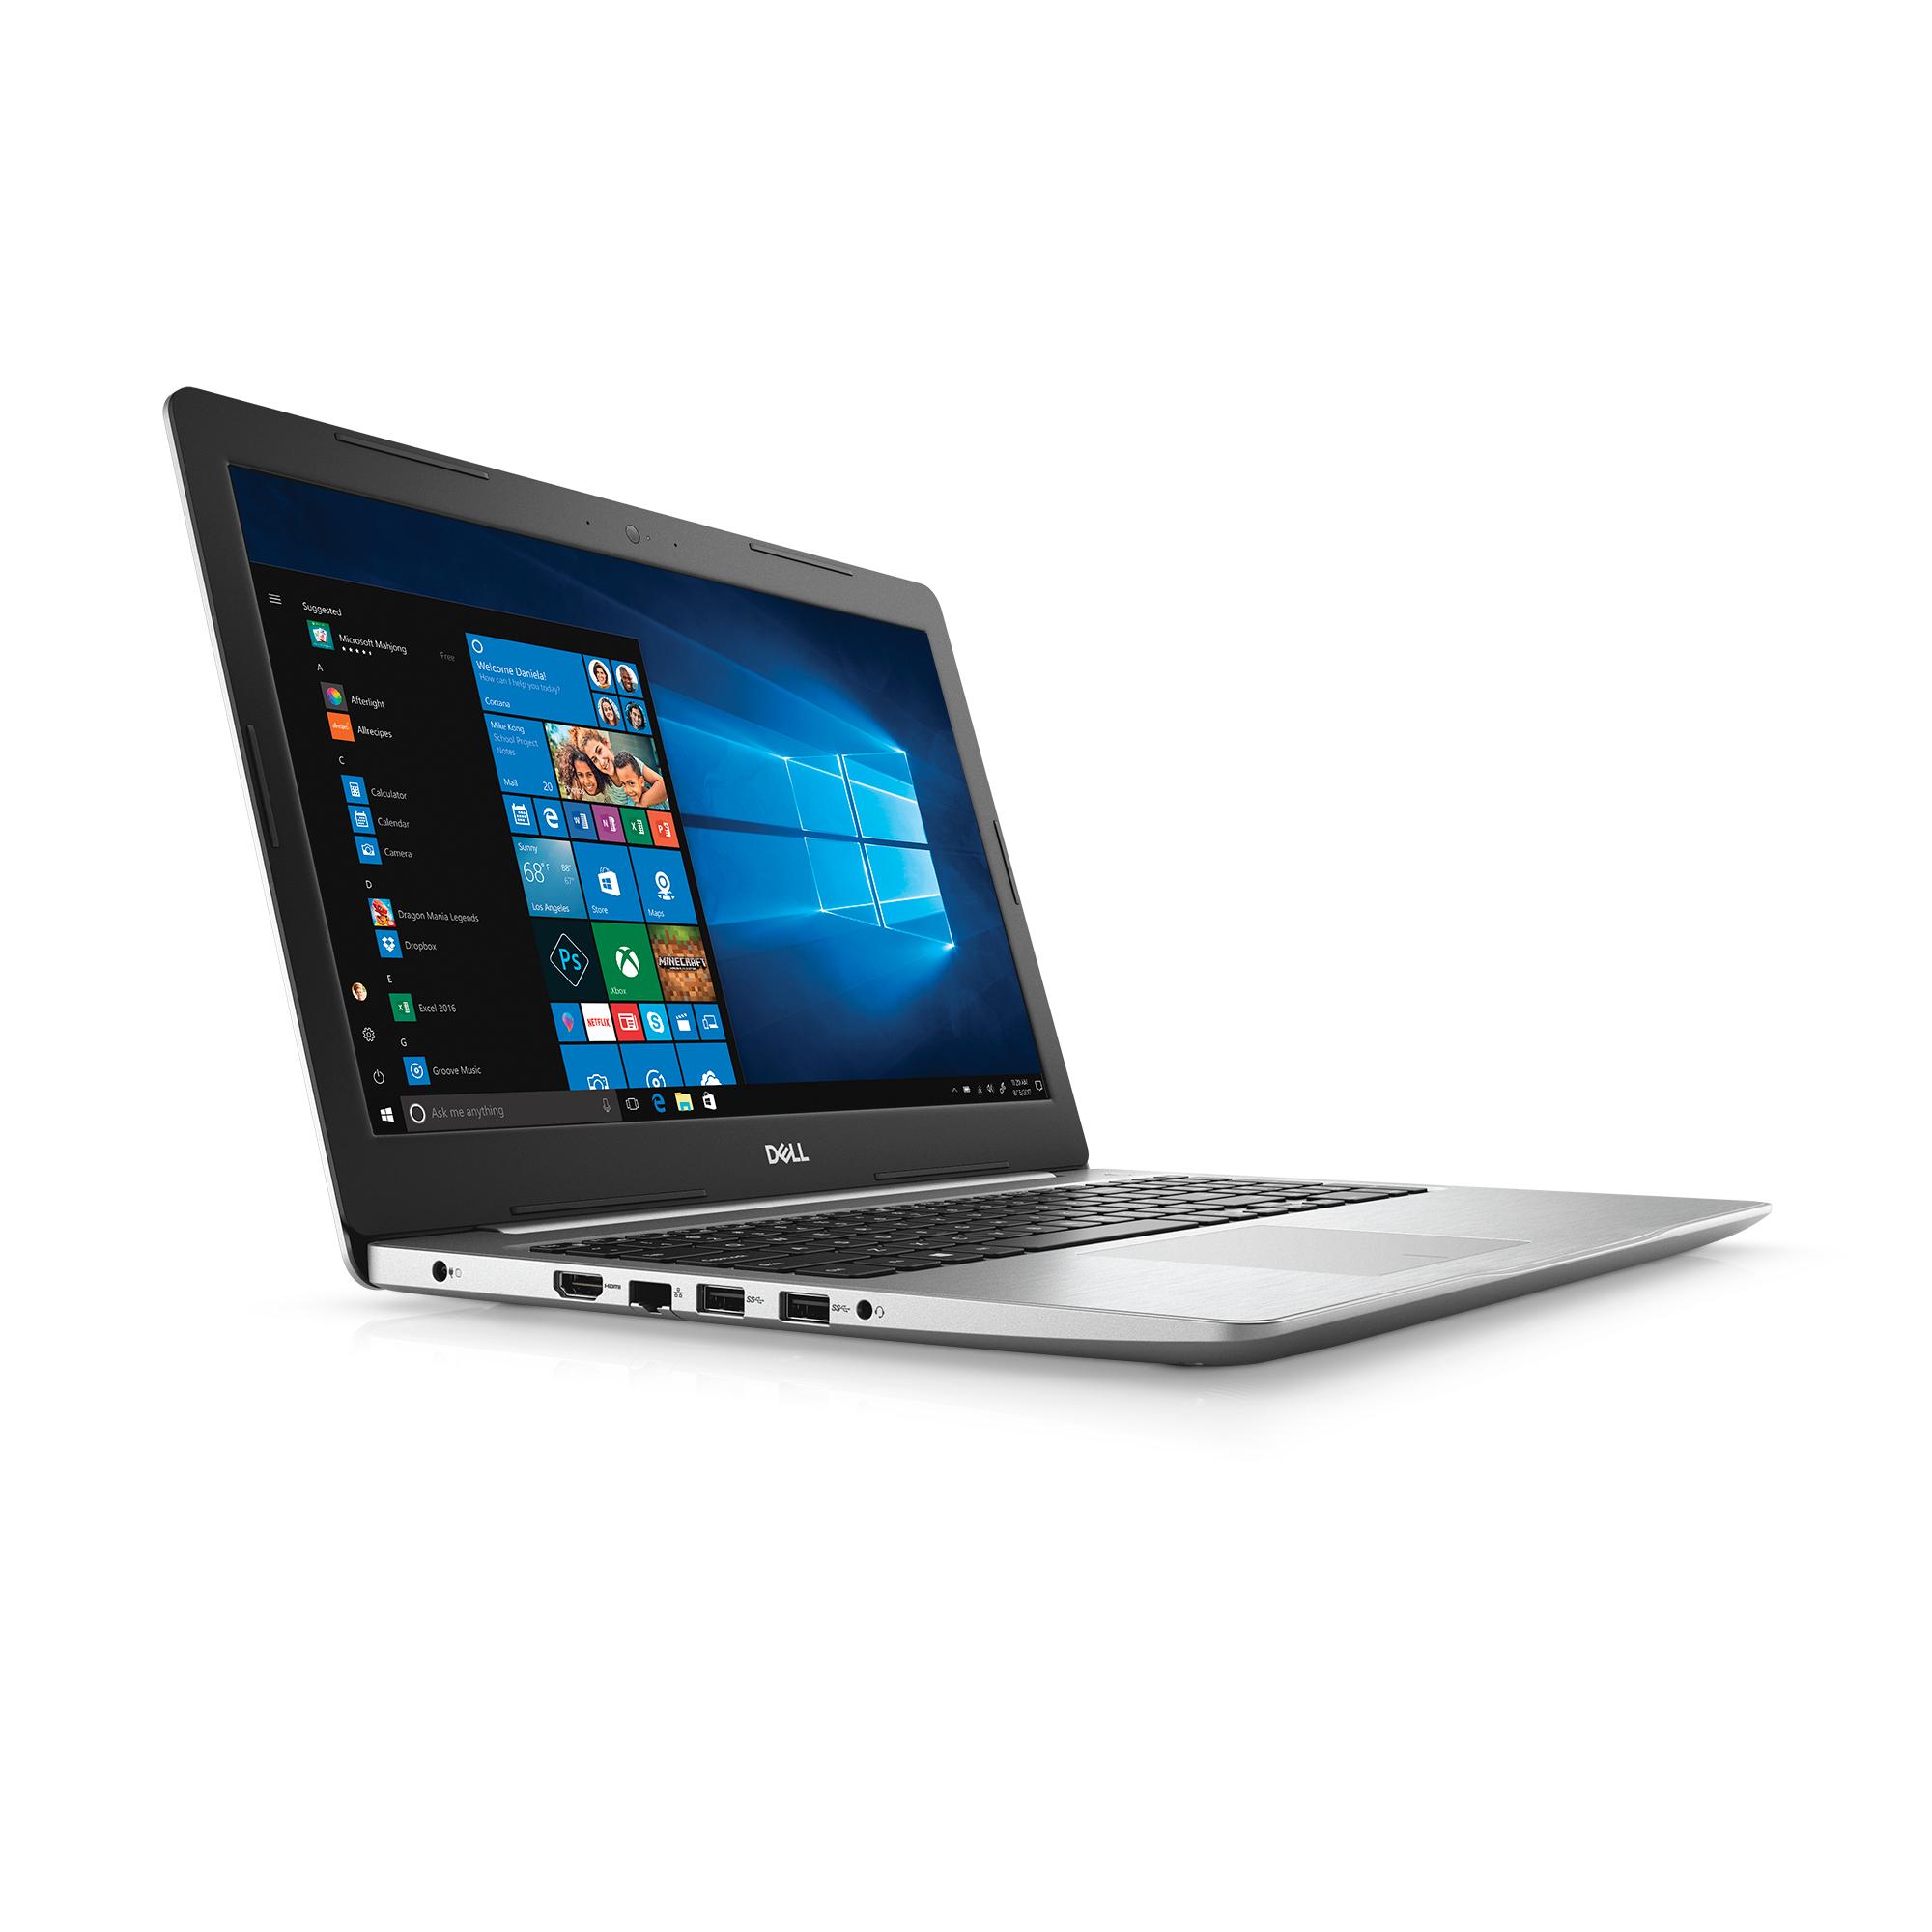 Dell i5575-A347SLV Inspiron Laptop, 15.6 Touchscreen, AMD Ryzen 5 2500U, 16GB DDR DRAM, 1TB HDD, Windows 10 Home 64bit